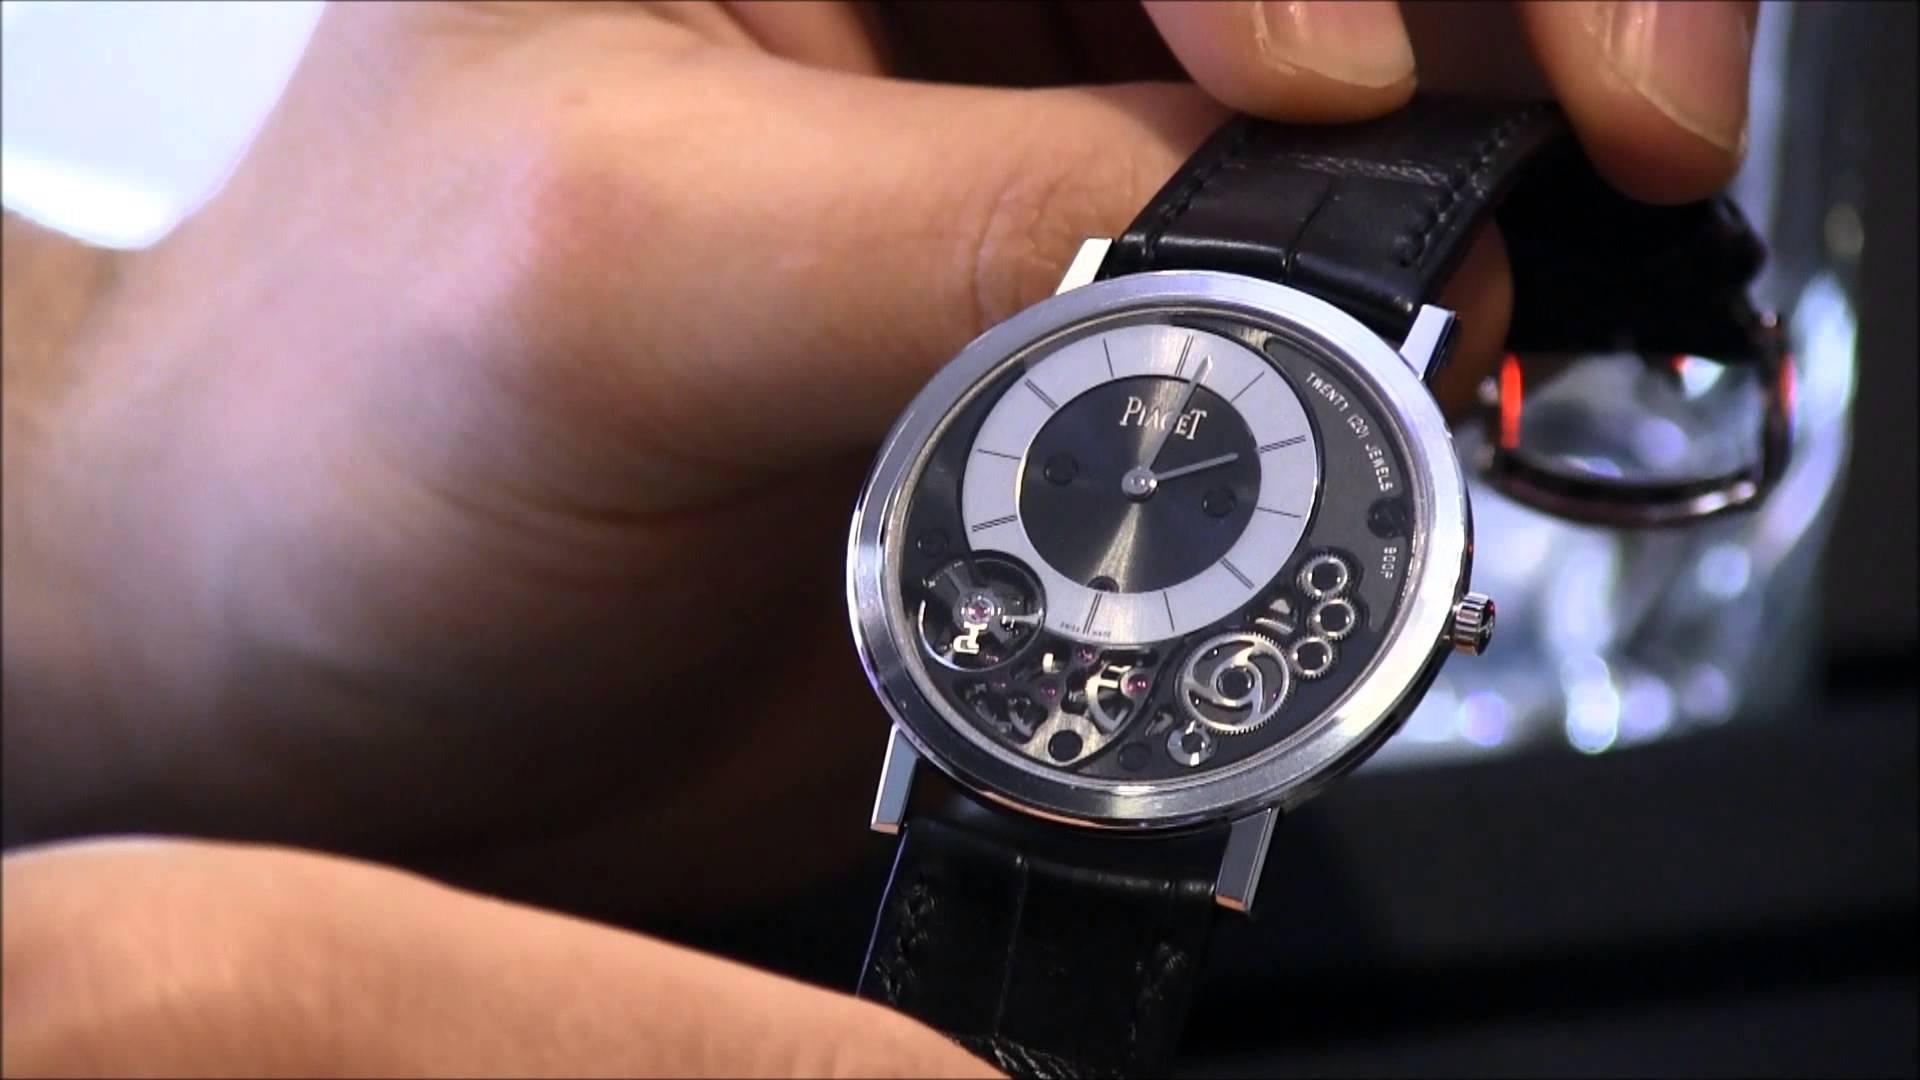 đồng hồ nam siêu mỏng giá rẻ là chuyện hoang đường